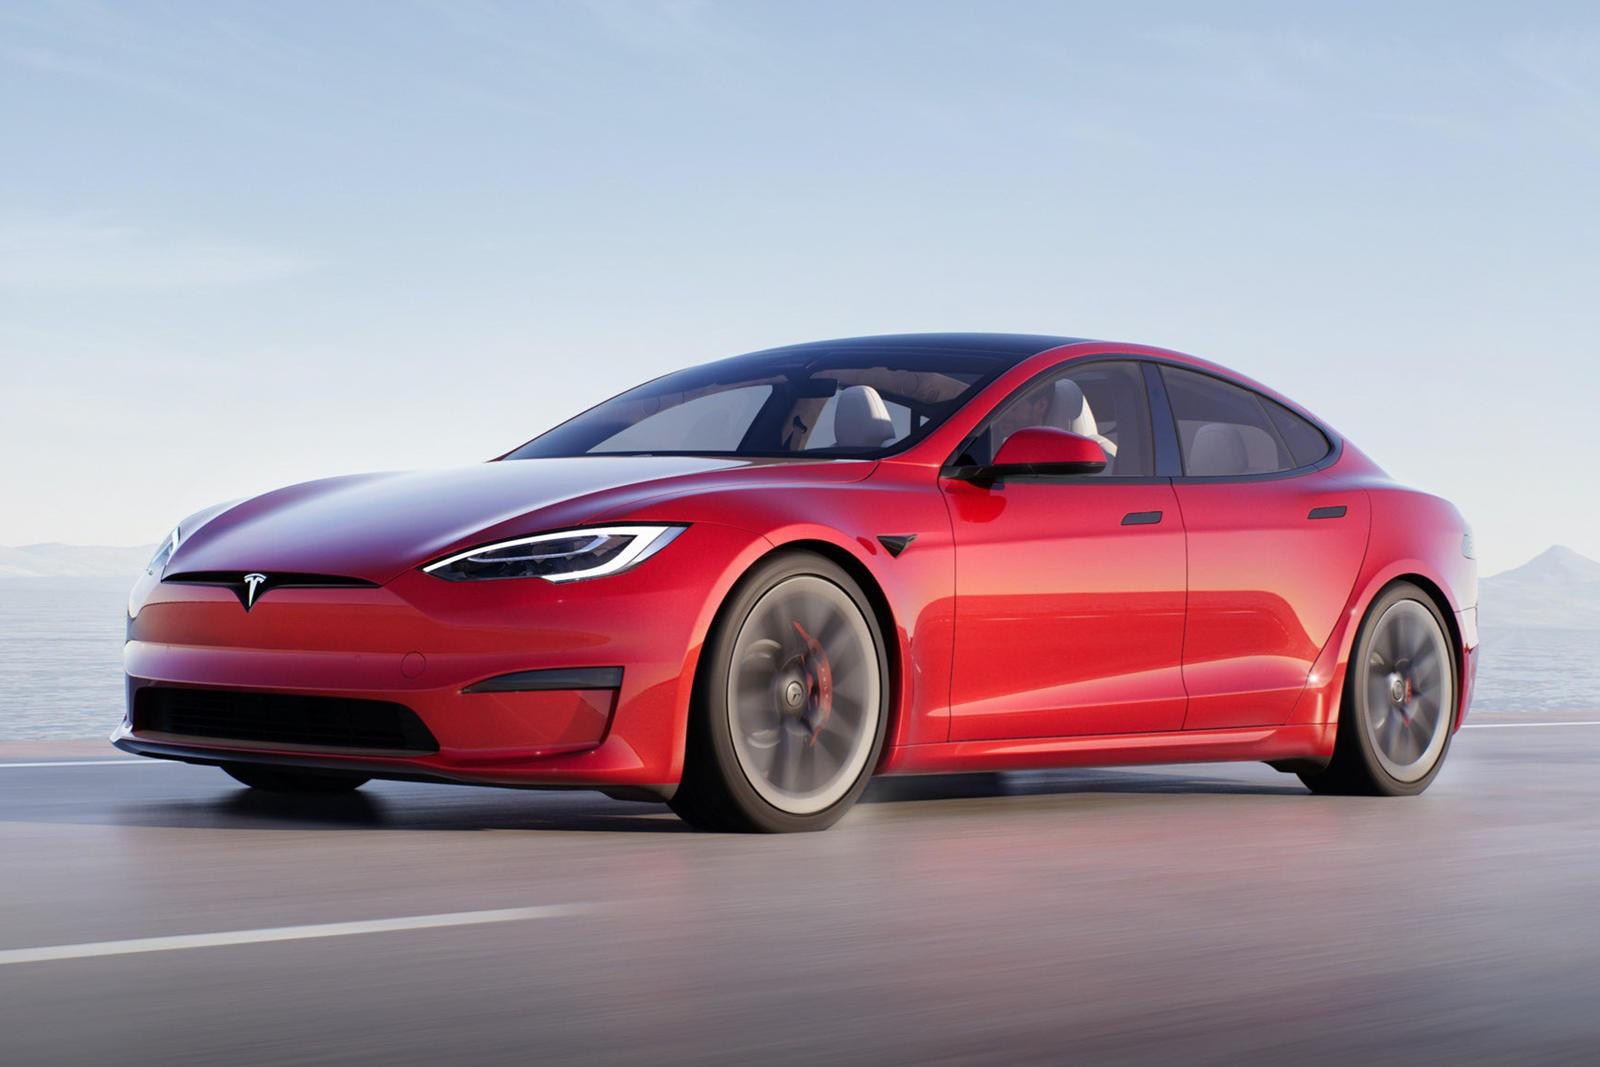 Обновленная Tesla Model S Plaid была представлена в конце прошлого месяца с несколькими интересными новыми функциями, среди которых опция Plaid+ с дальностью хода 830 км, разгоном до 100 км/ч менее 2 секунд и максимальной скоростью более 320 км/ч. Эт